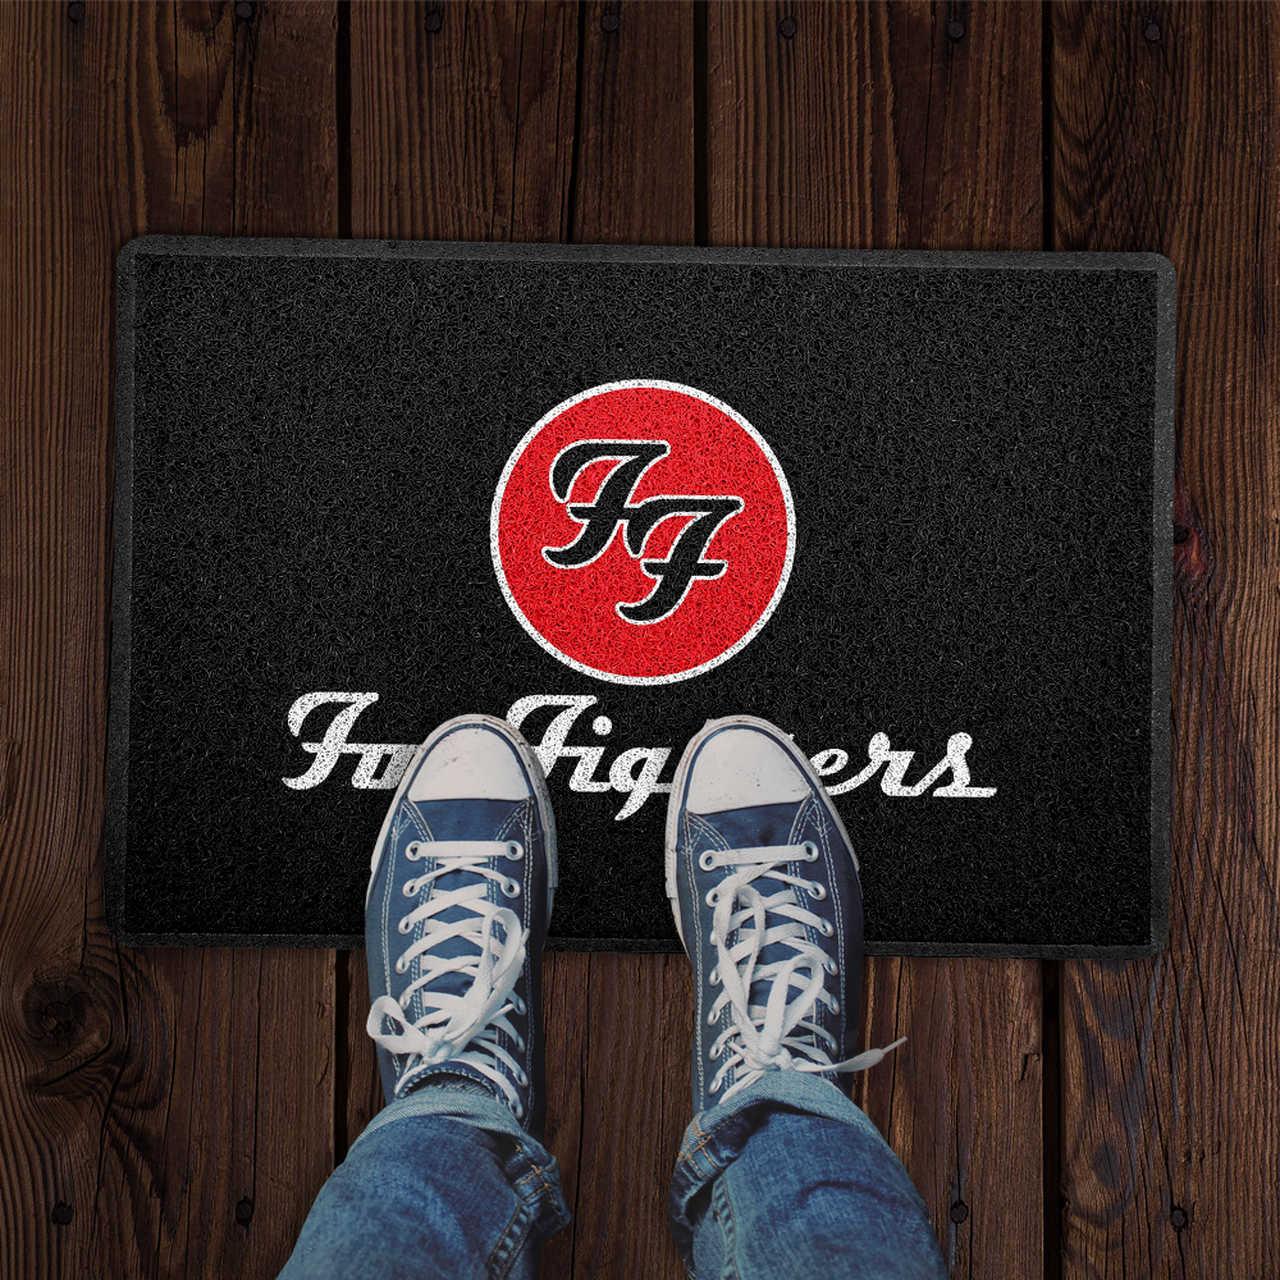 Capacho Foo Fighters PRESENTE E DECORAÇÃO GEEK